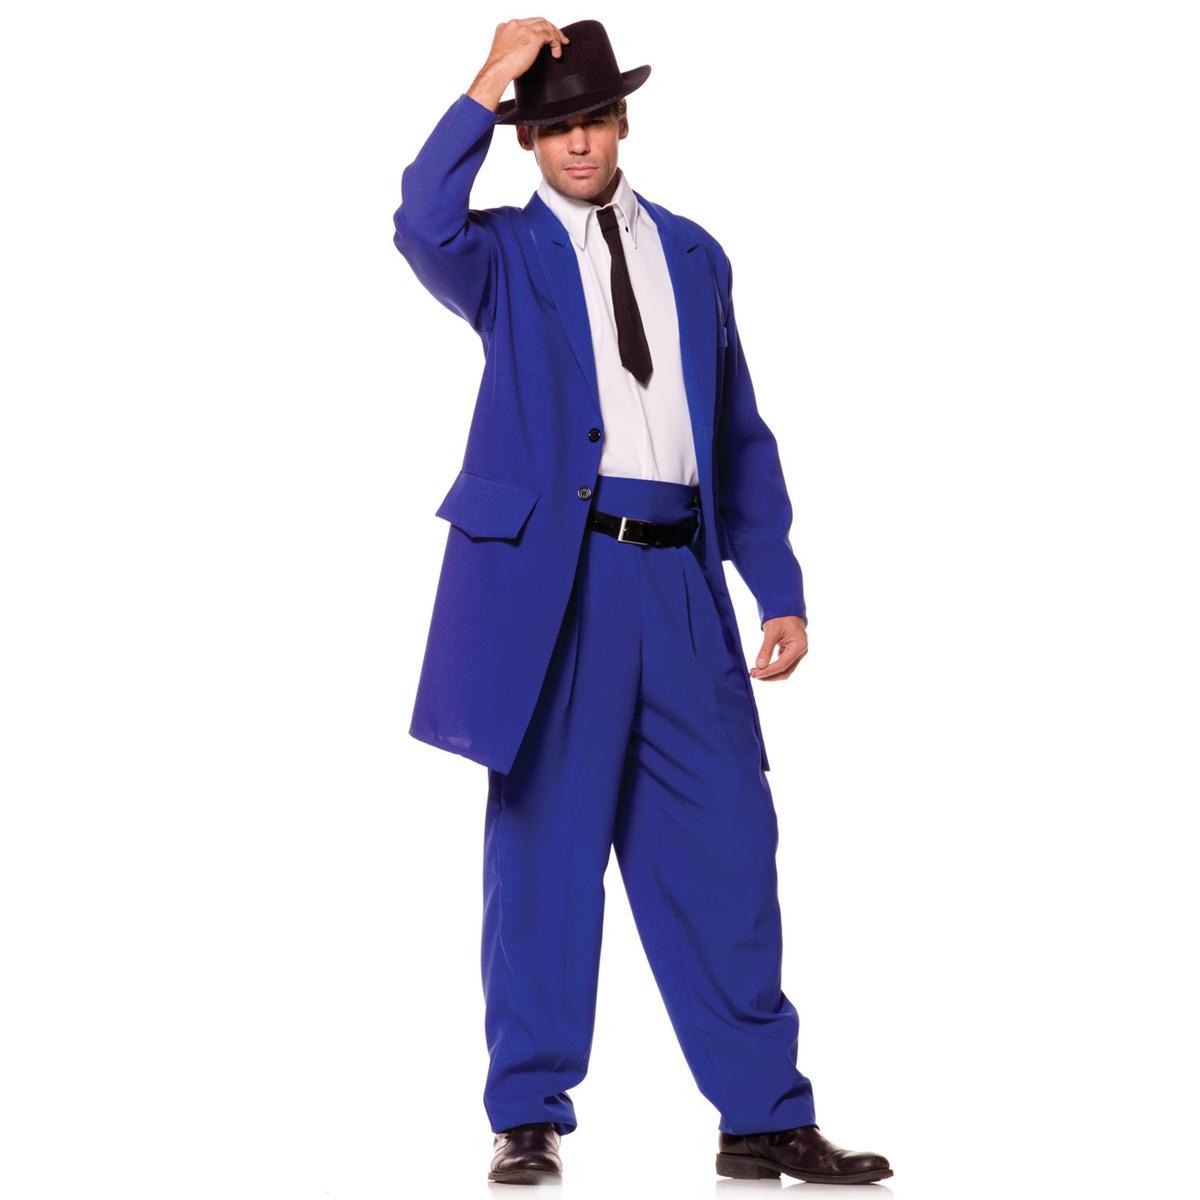 ギャング マフィア ズートスーツ ハロウィン 衣装 コスチュームズートスーツ ブルー 大人用コスチューム あす楽